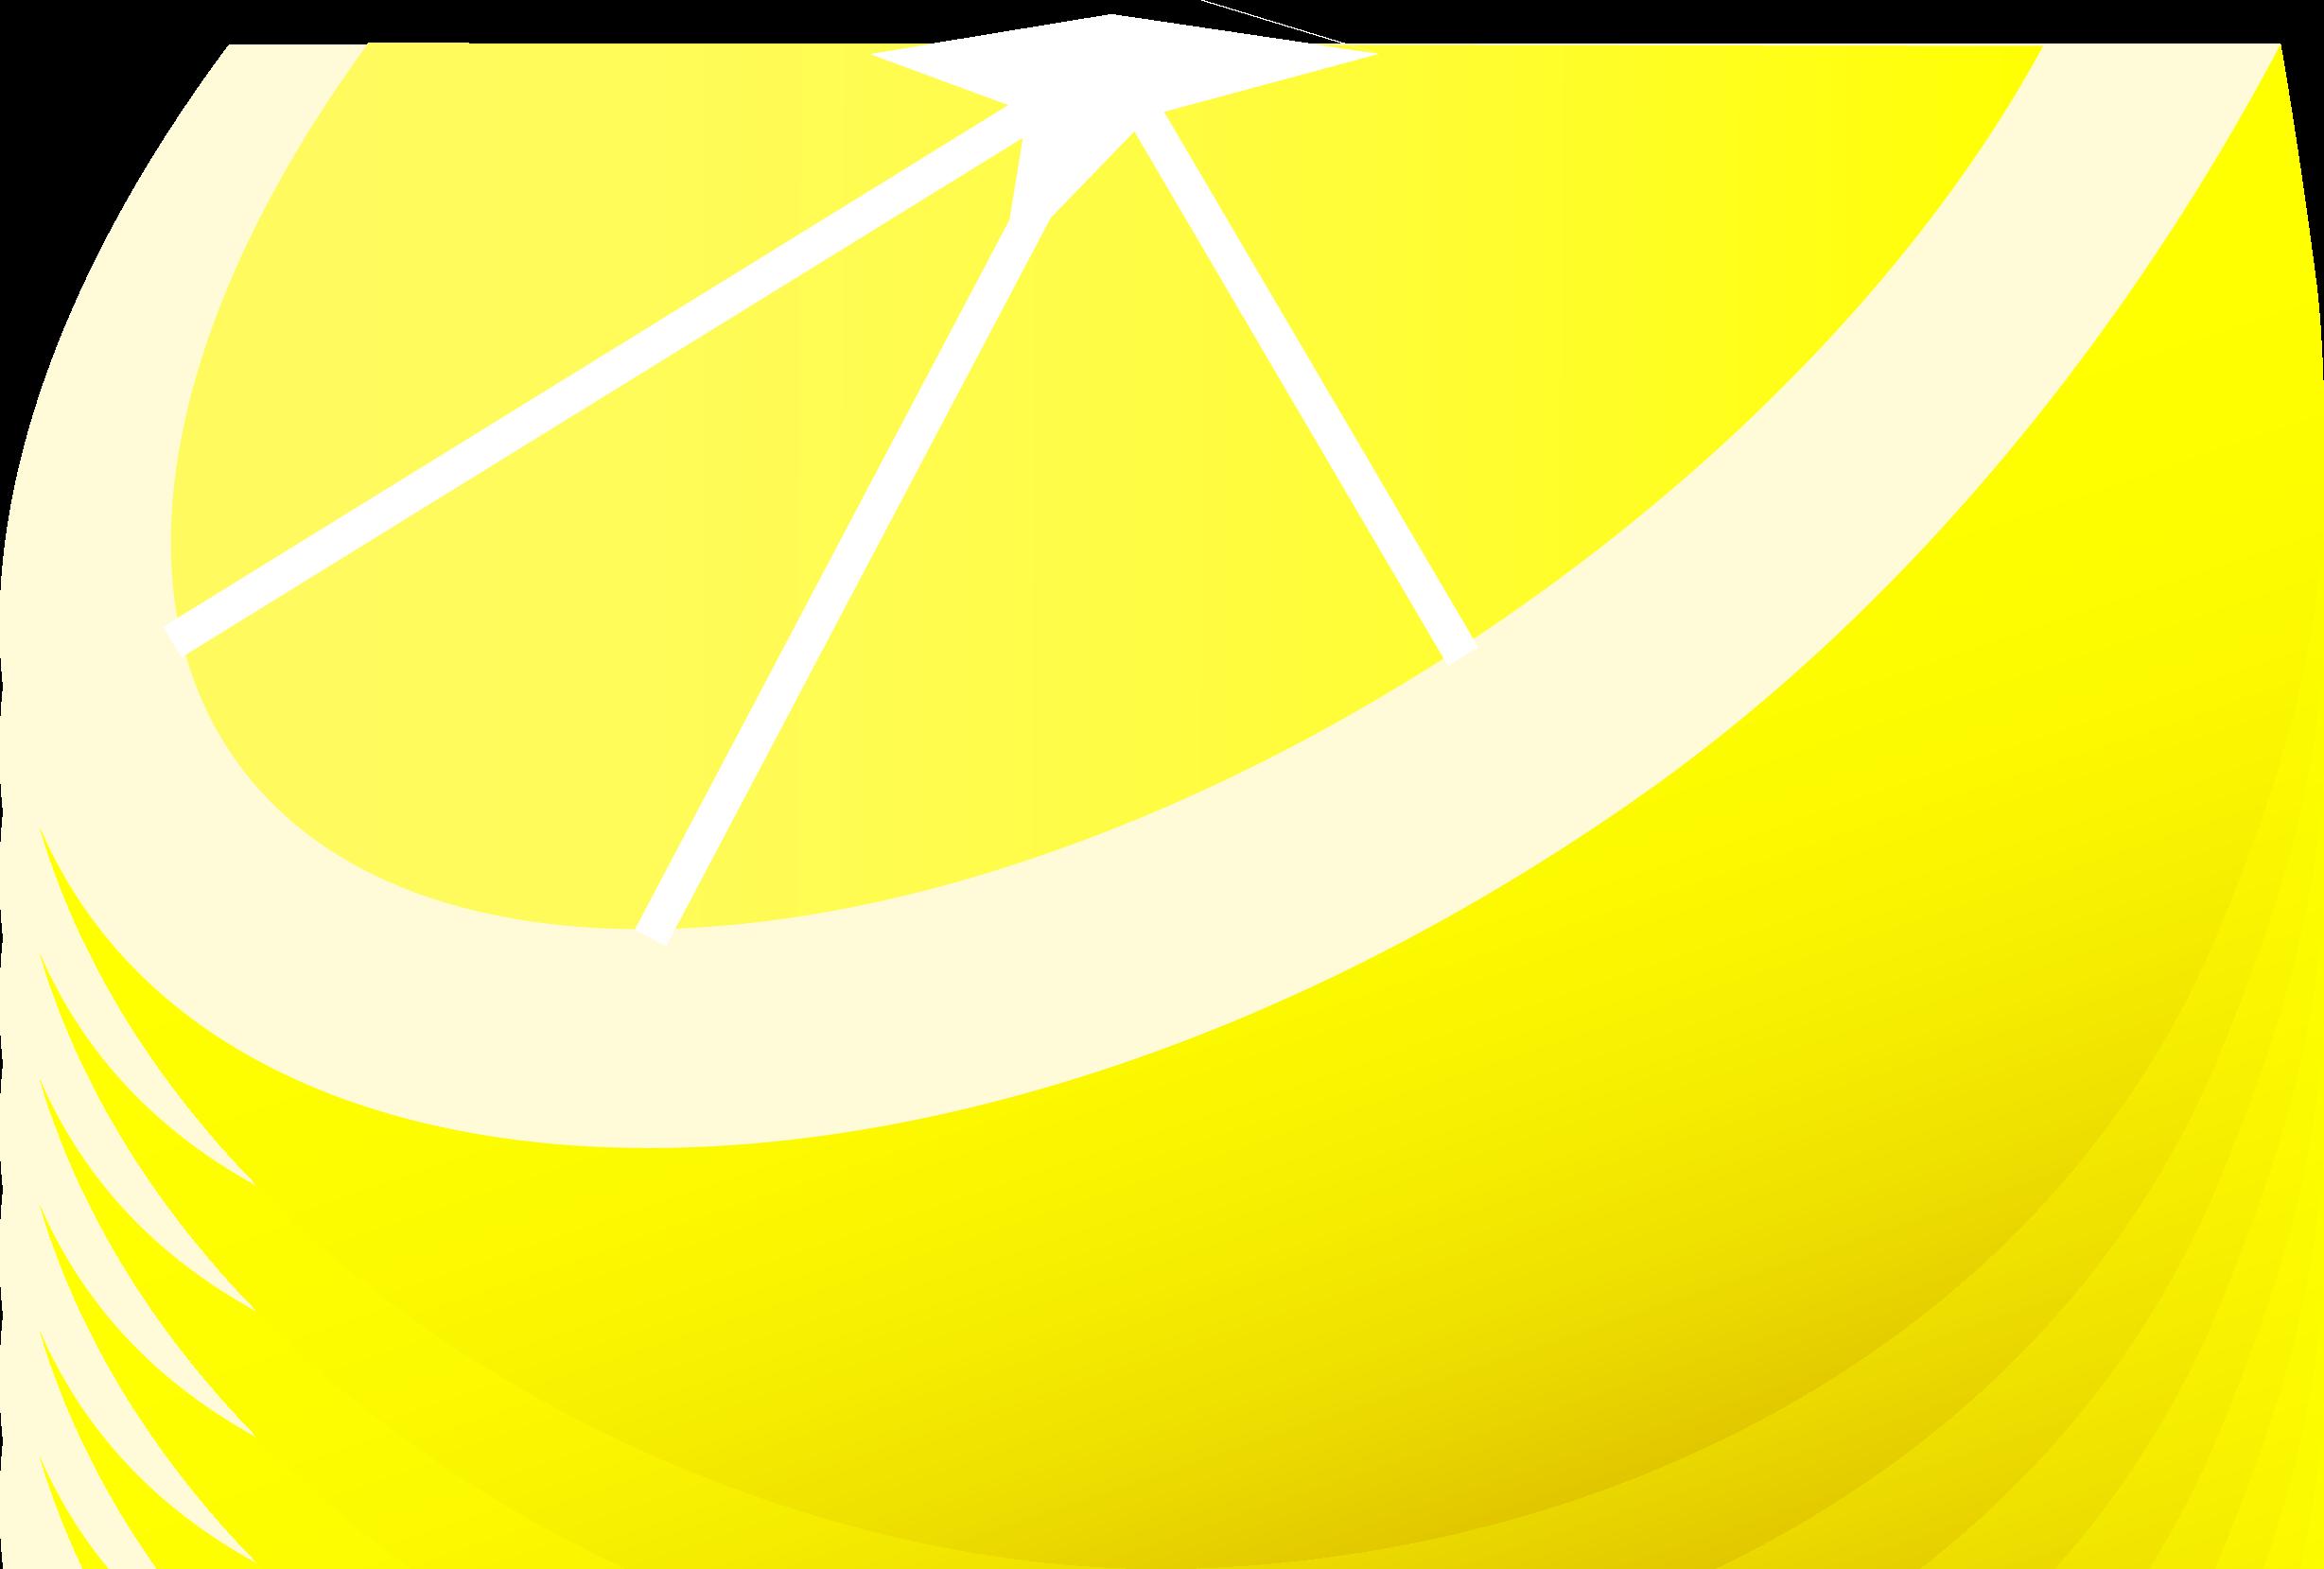 2457x1659 Lemon Clip Art Vector Lemon Graphics Clipart Me 2 Clipartcow